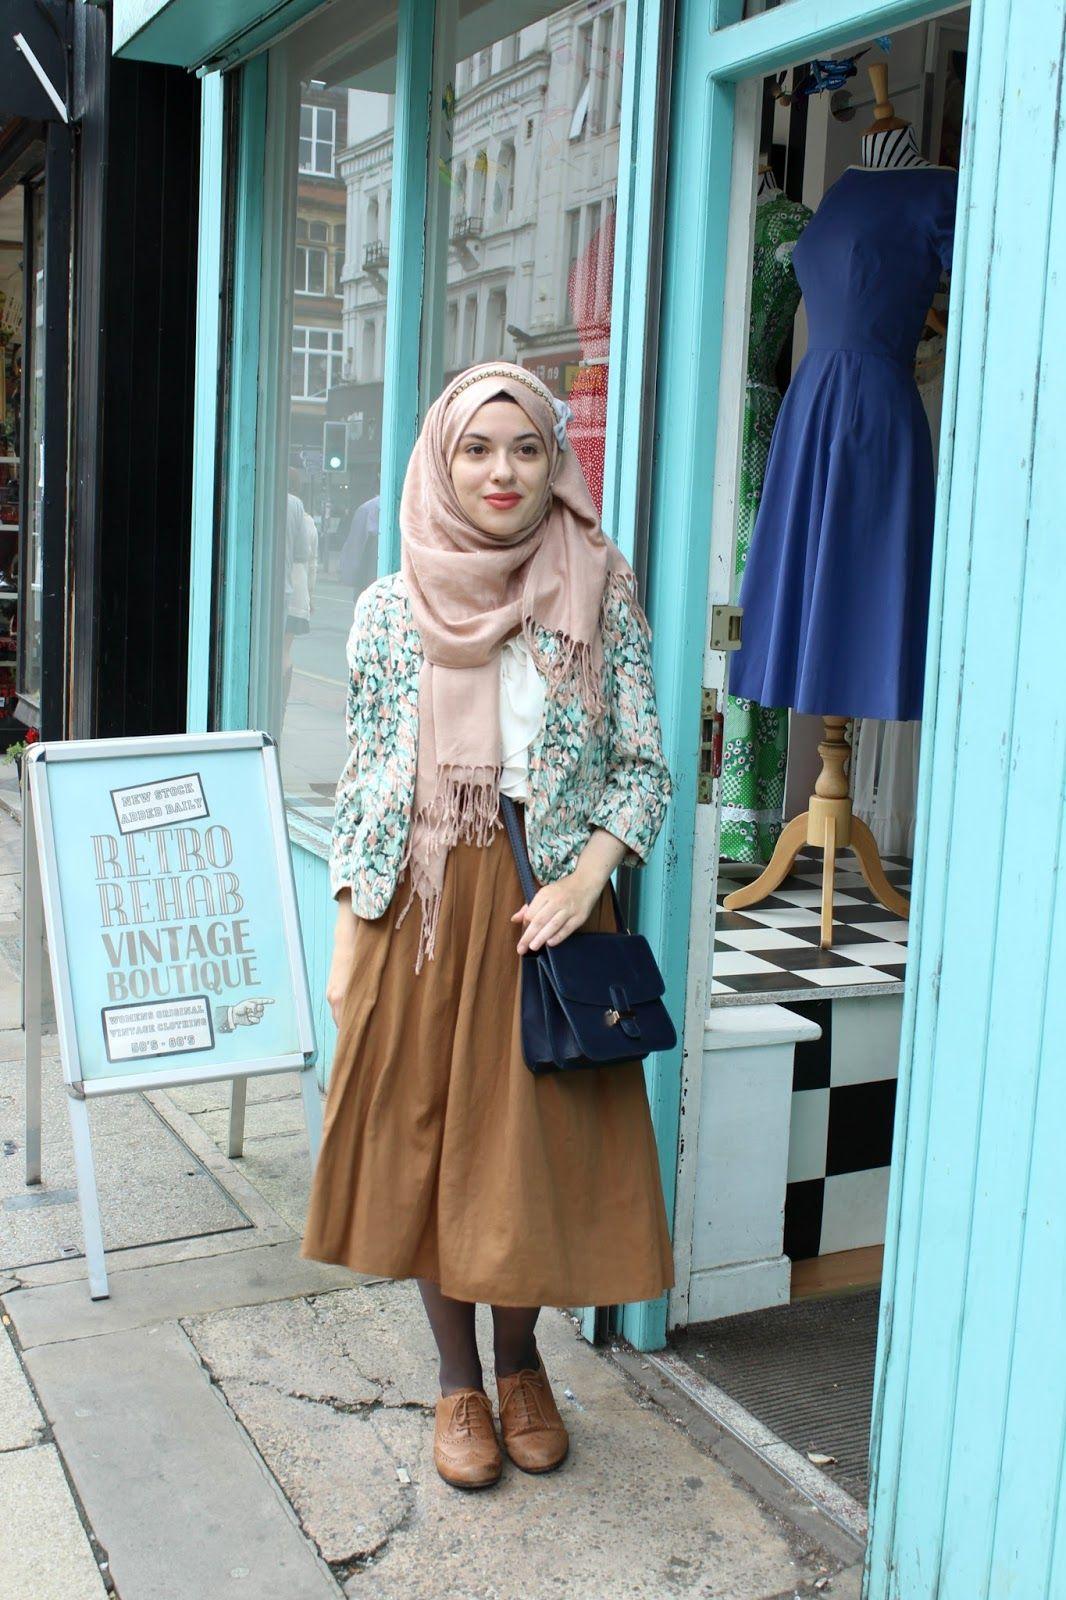 Vintagonista vintagonista: city tour, northern quarter, hijab style ...